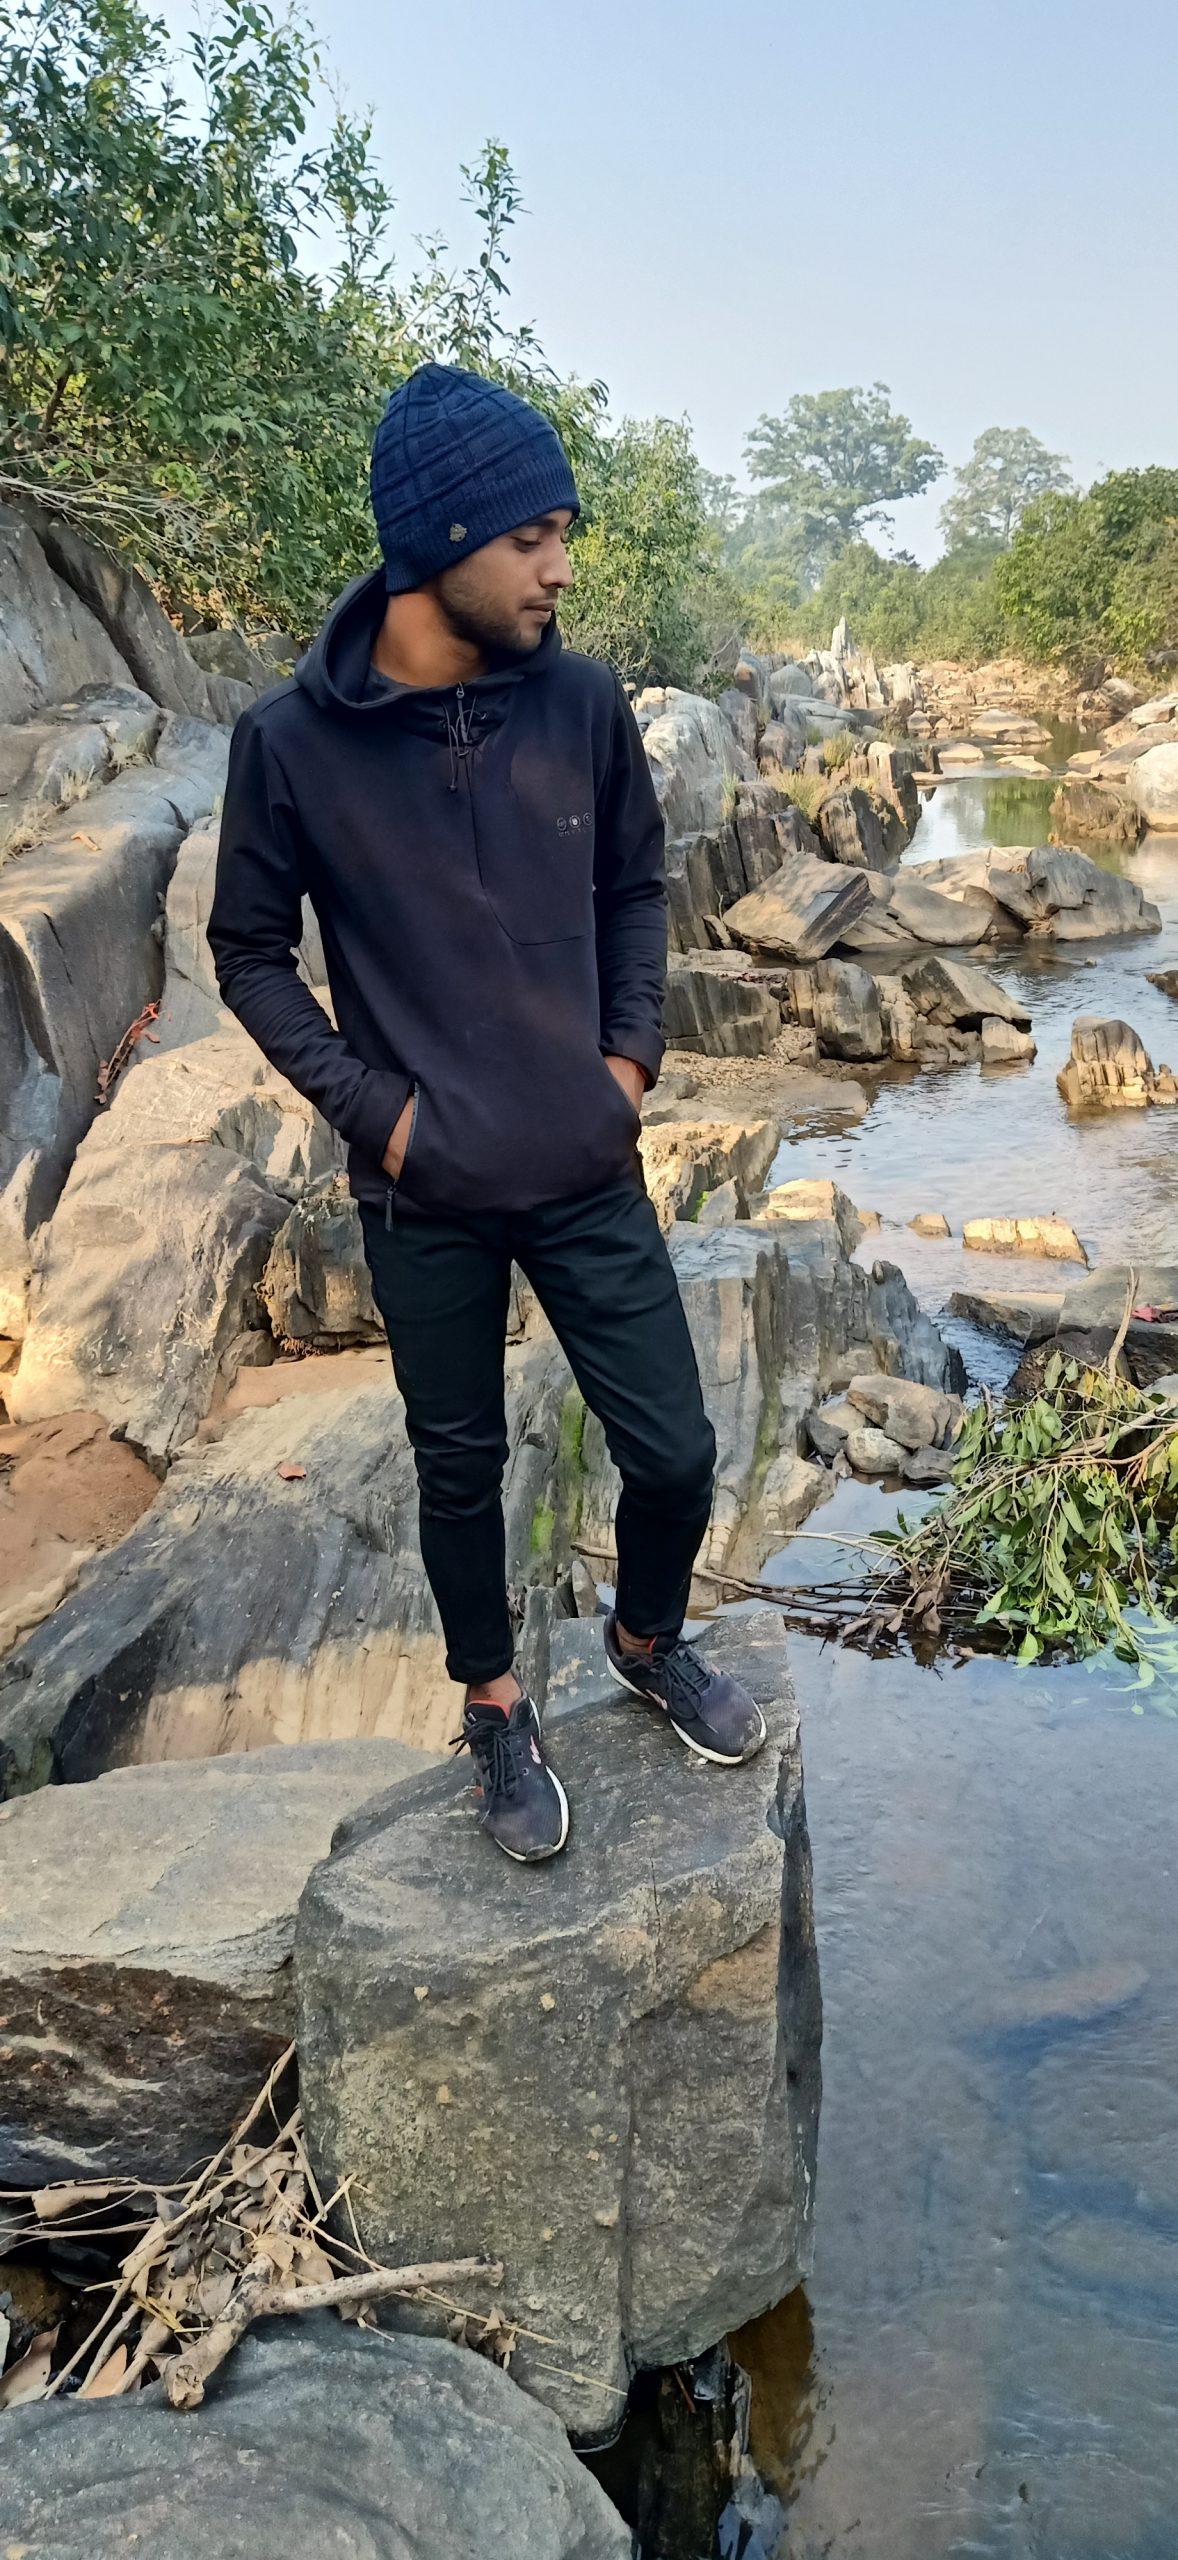 A boy on a rock